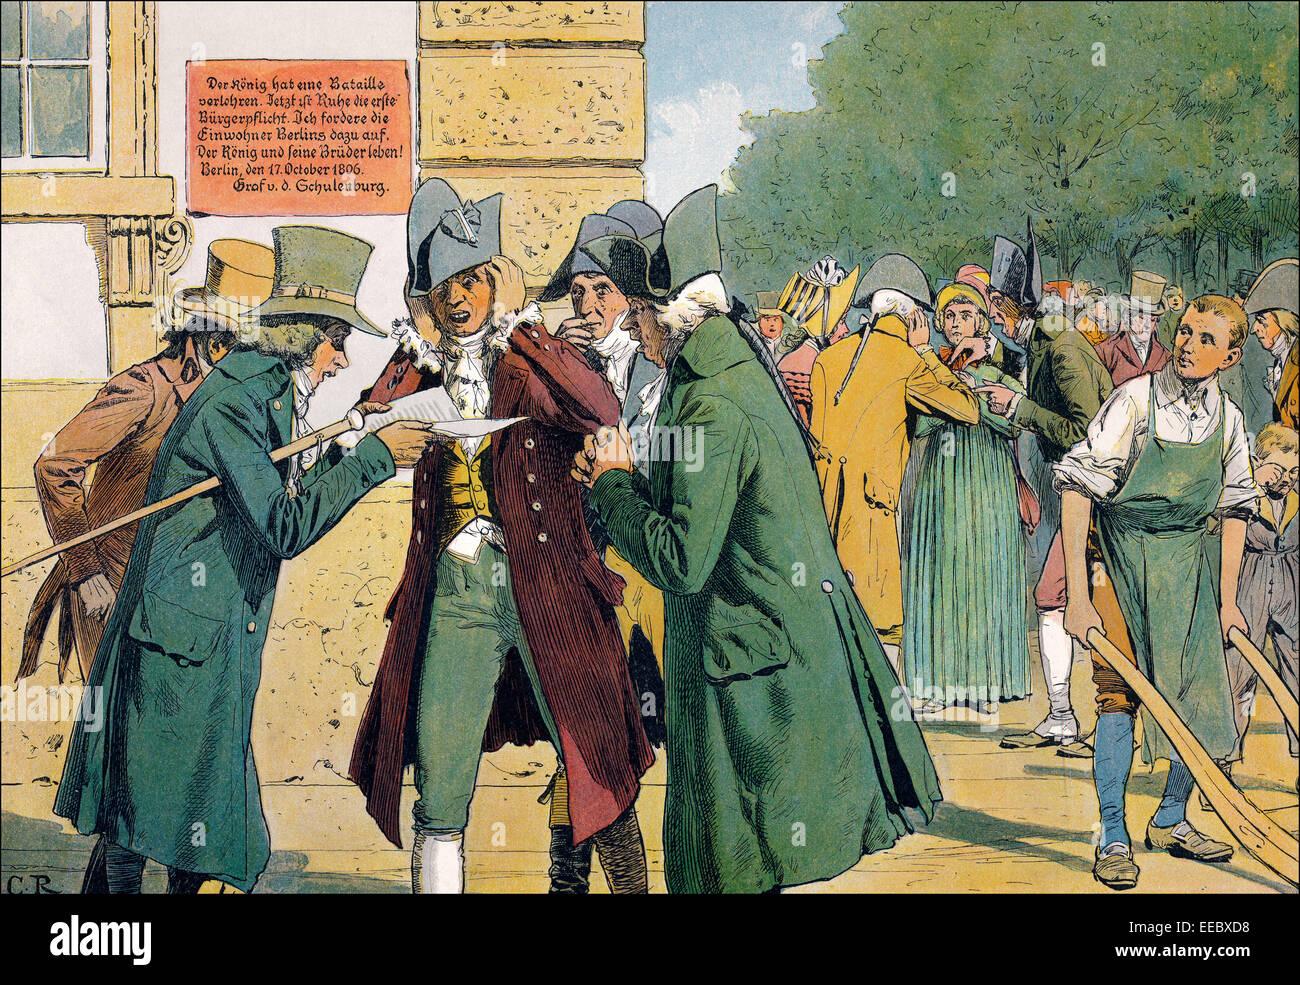 Contemplando la derrota en Jena y Auerstaedt en Berlín, Guerras Napoleónicas, 1806, pintura histórica por C. Röchling, publicación Foto de stock